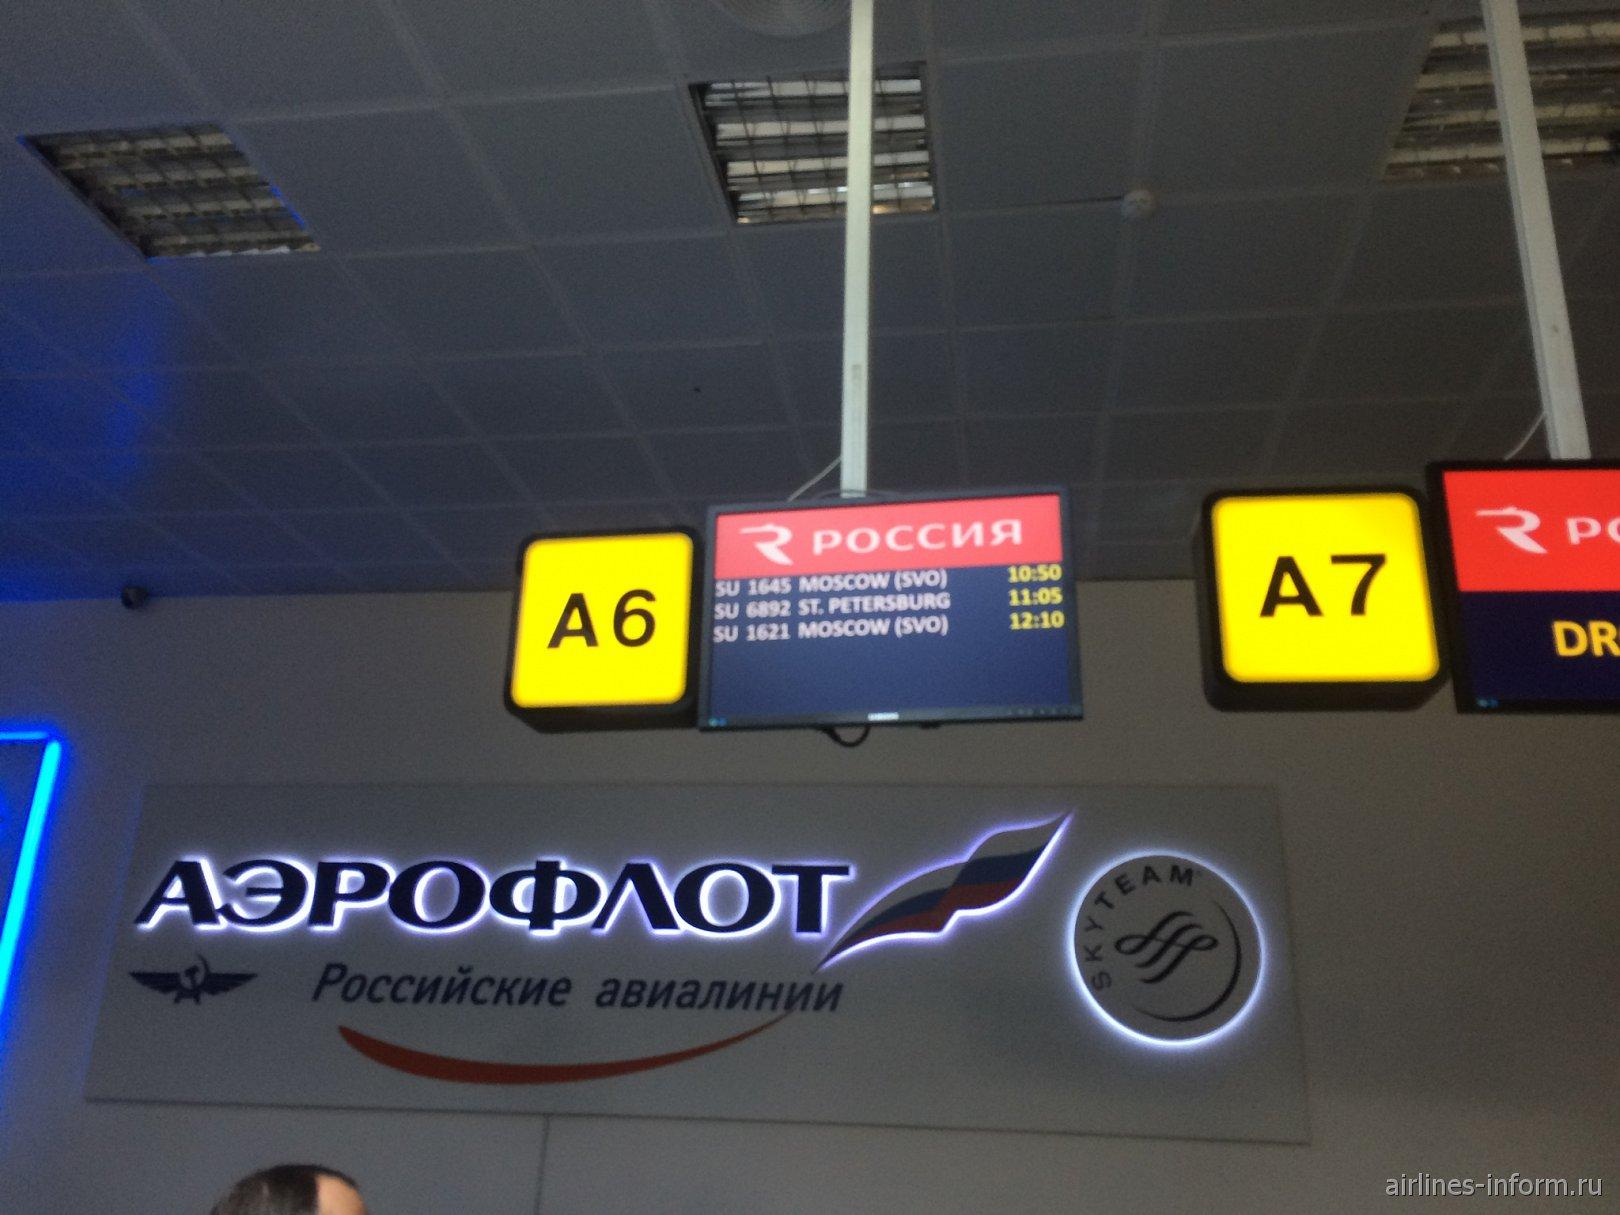 Симферополь-Москва-Тюмень с Аэрофлотом